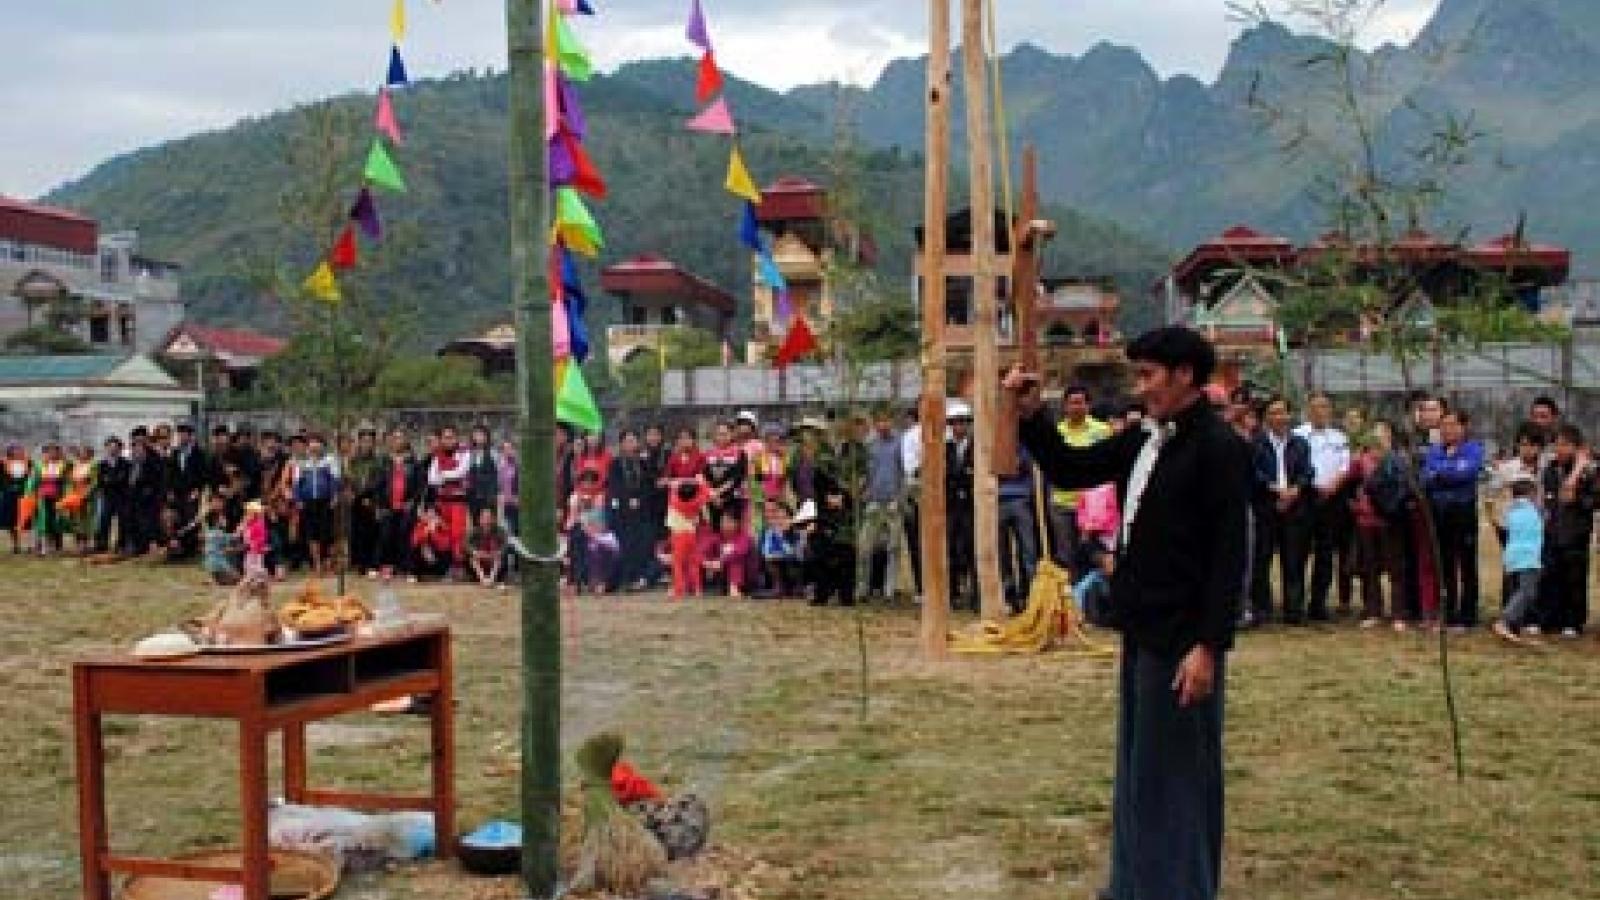 Lễ hội Gầu Tào - nơi gắn tình đoàn kết cộng đồngcủa ngườiMông ở Hà Giang